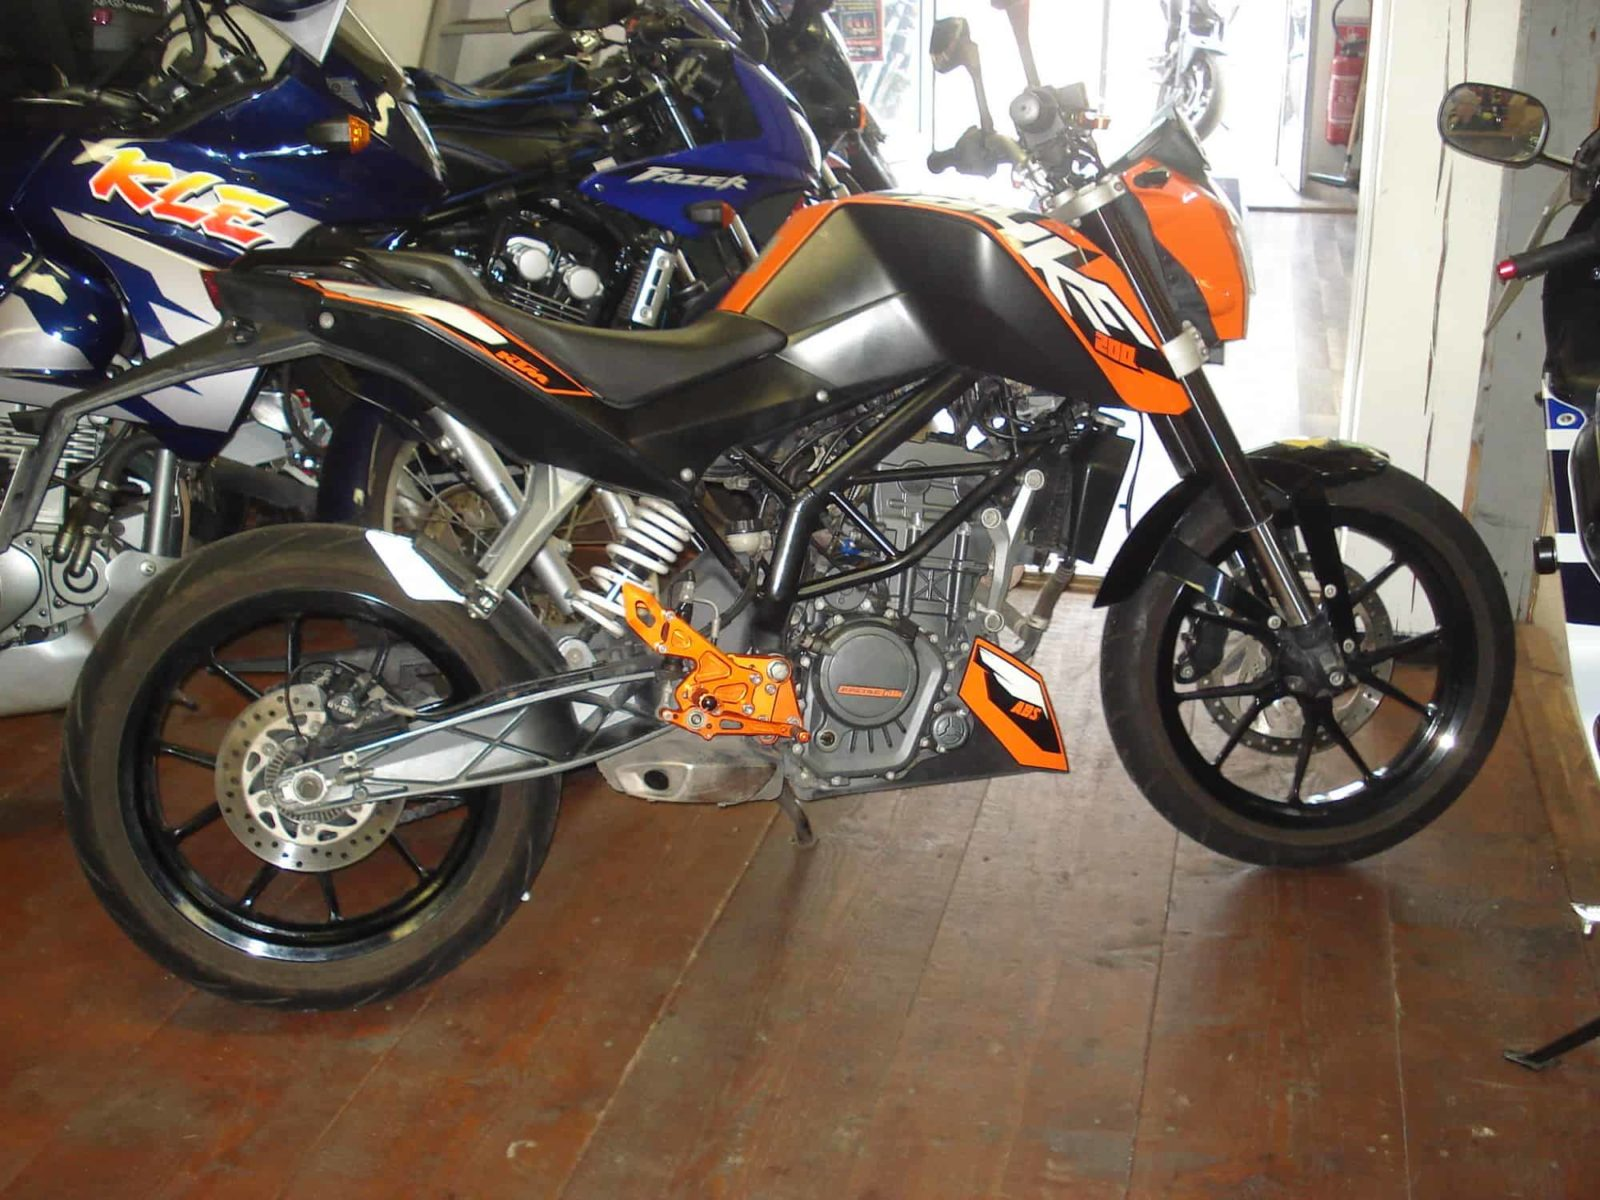 Vendu ! KTM 200 DUKE – 2800€